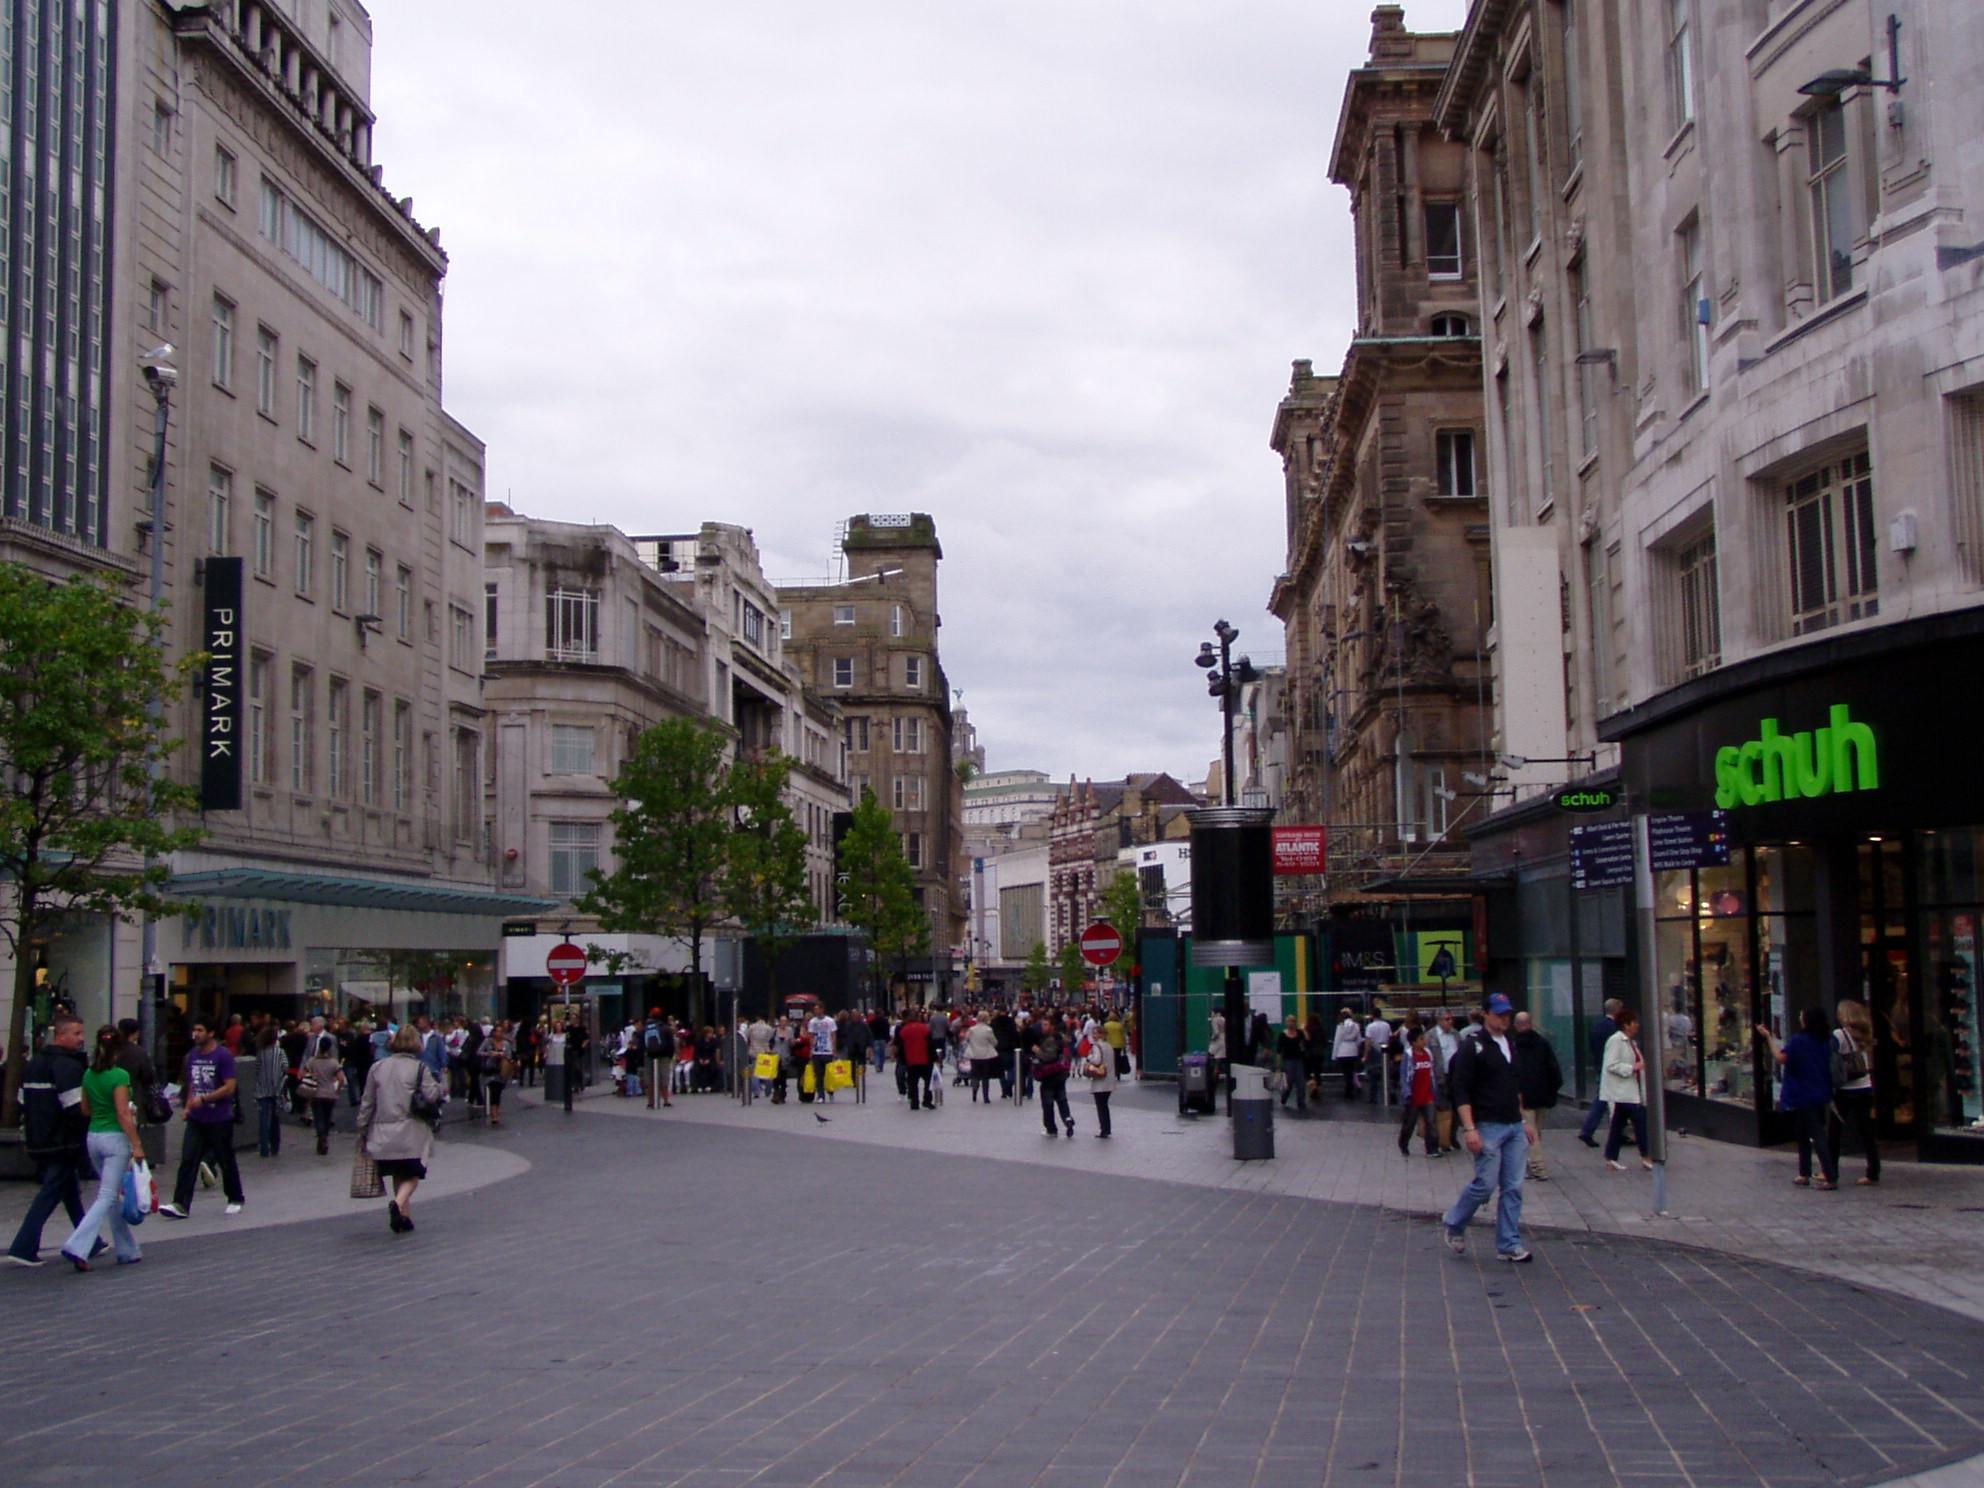 Billedresultat for streets of liverpool